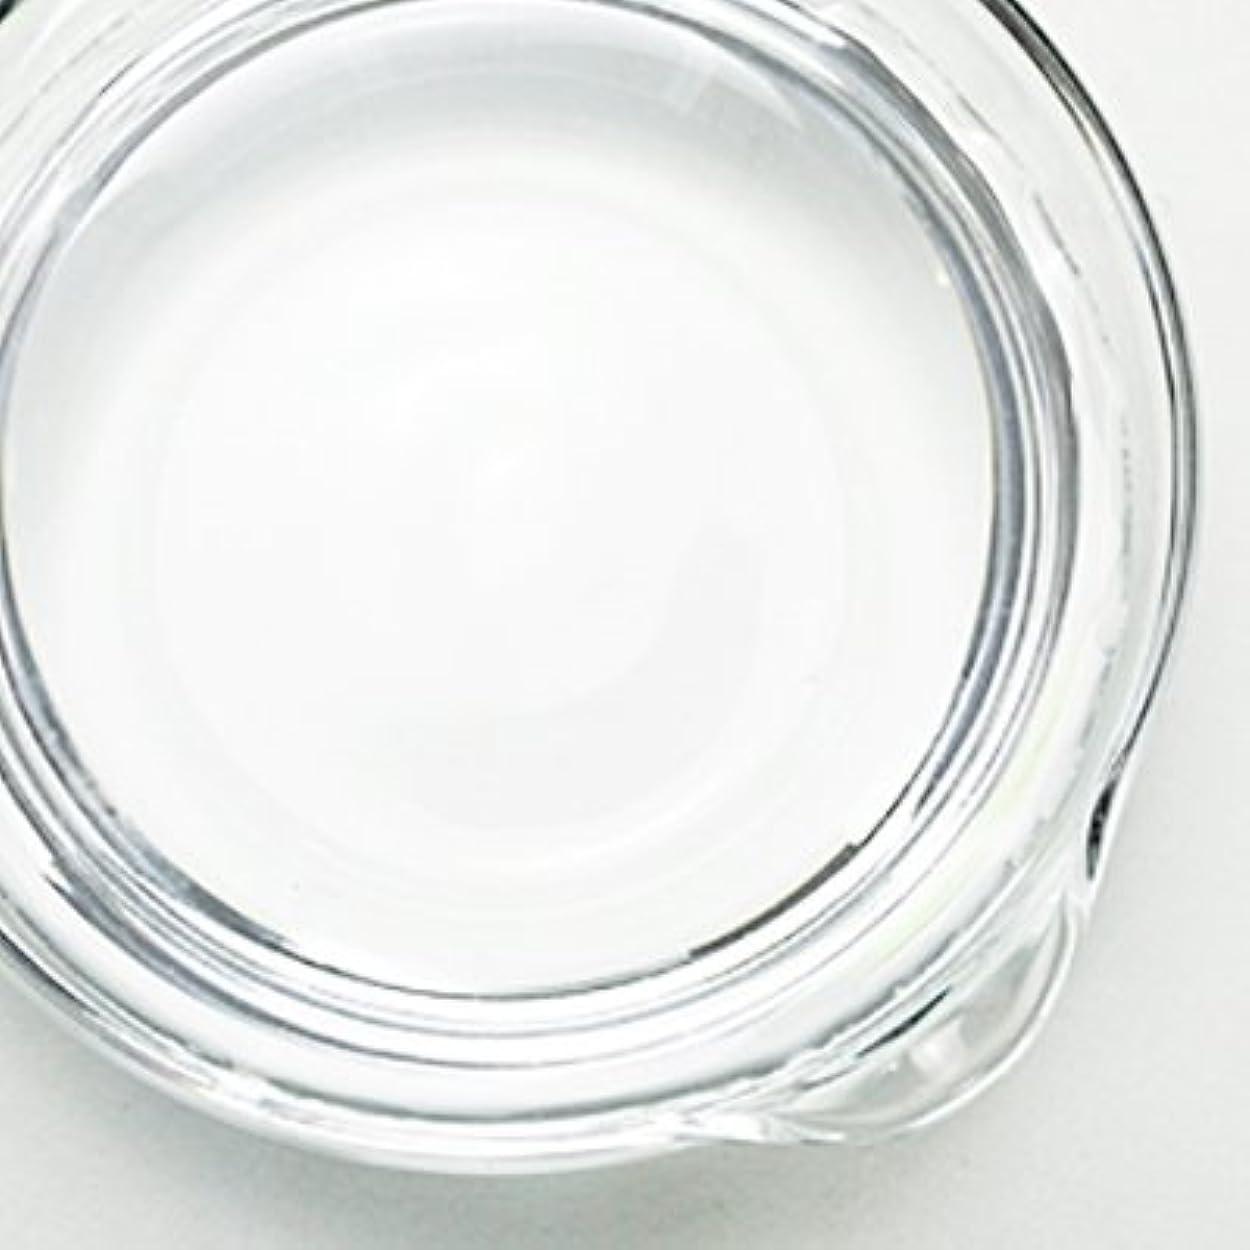 工夫する教走る1,3-ブチレングリコール[BG] 500ml 【手作り石鹸/手作りコスメ】